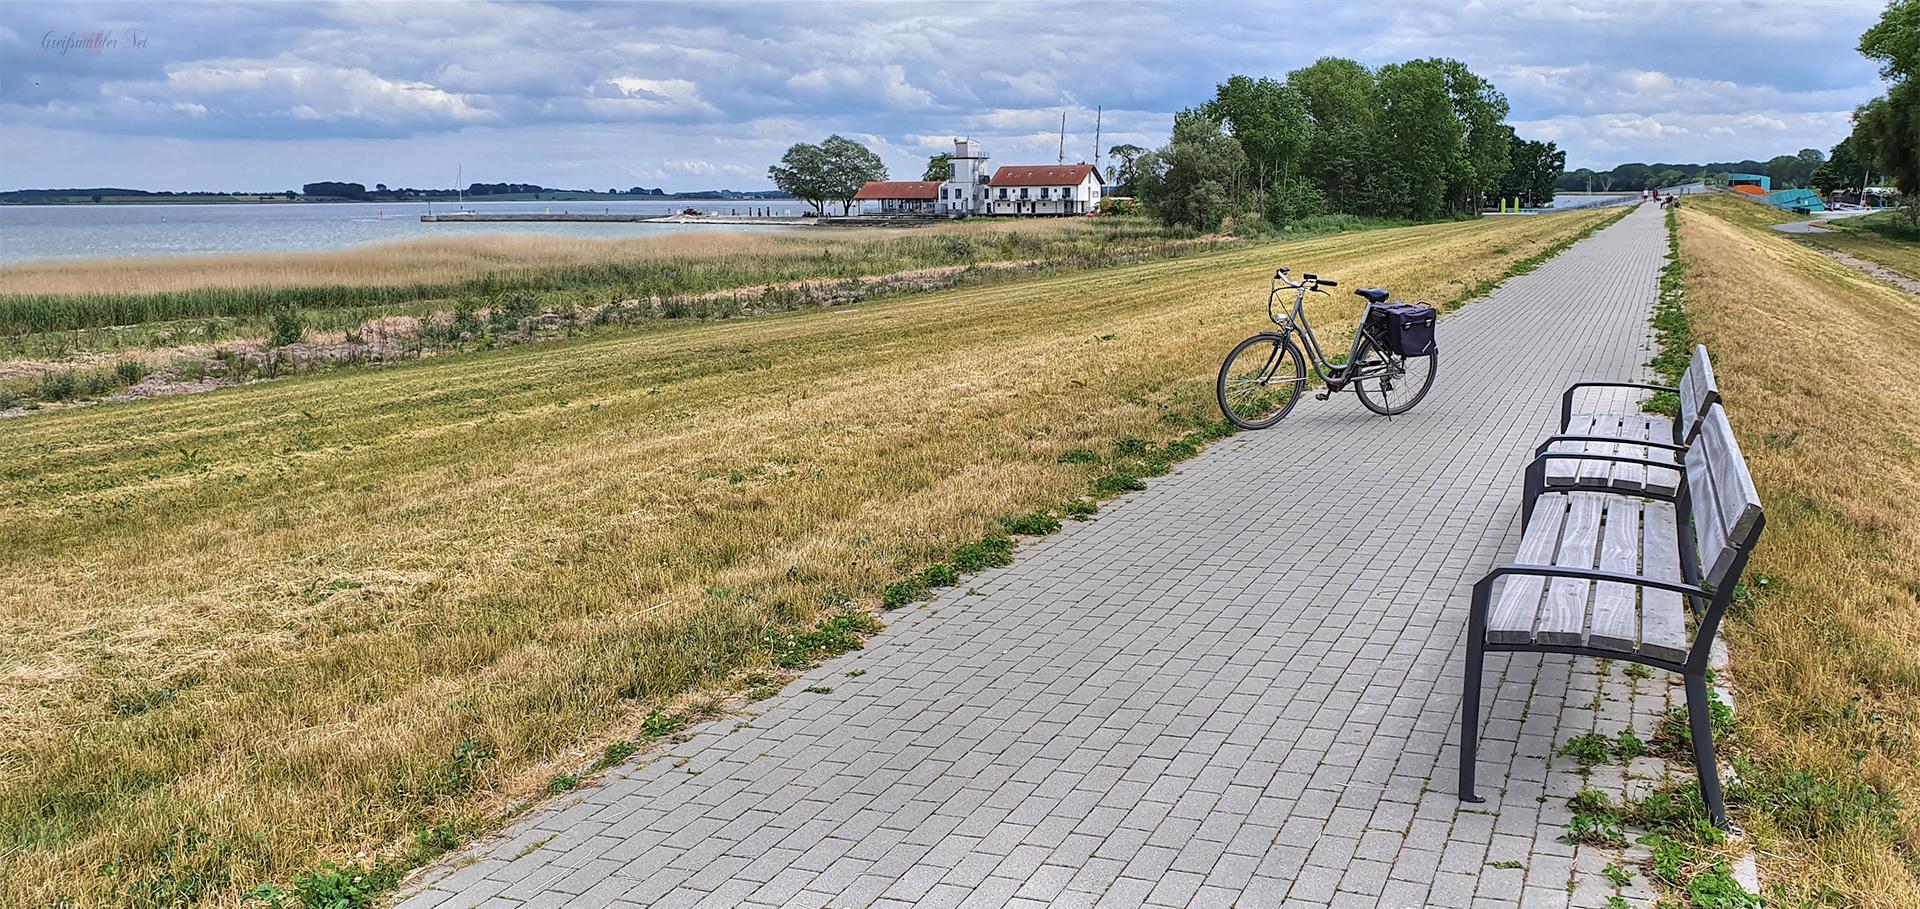 Nachmittags auf dem Deich zwischen Greifswald-Wieck und Ladebow